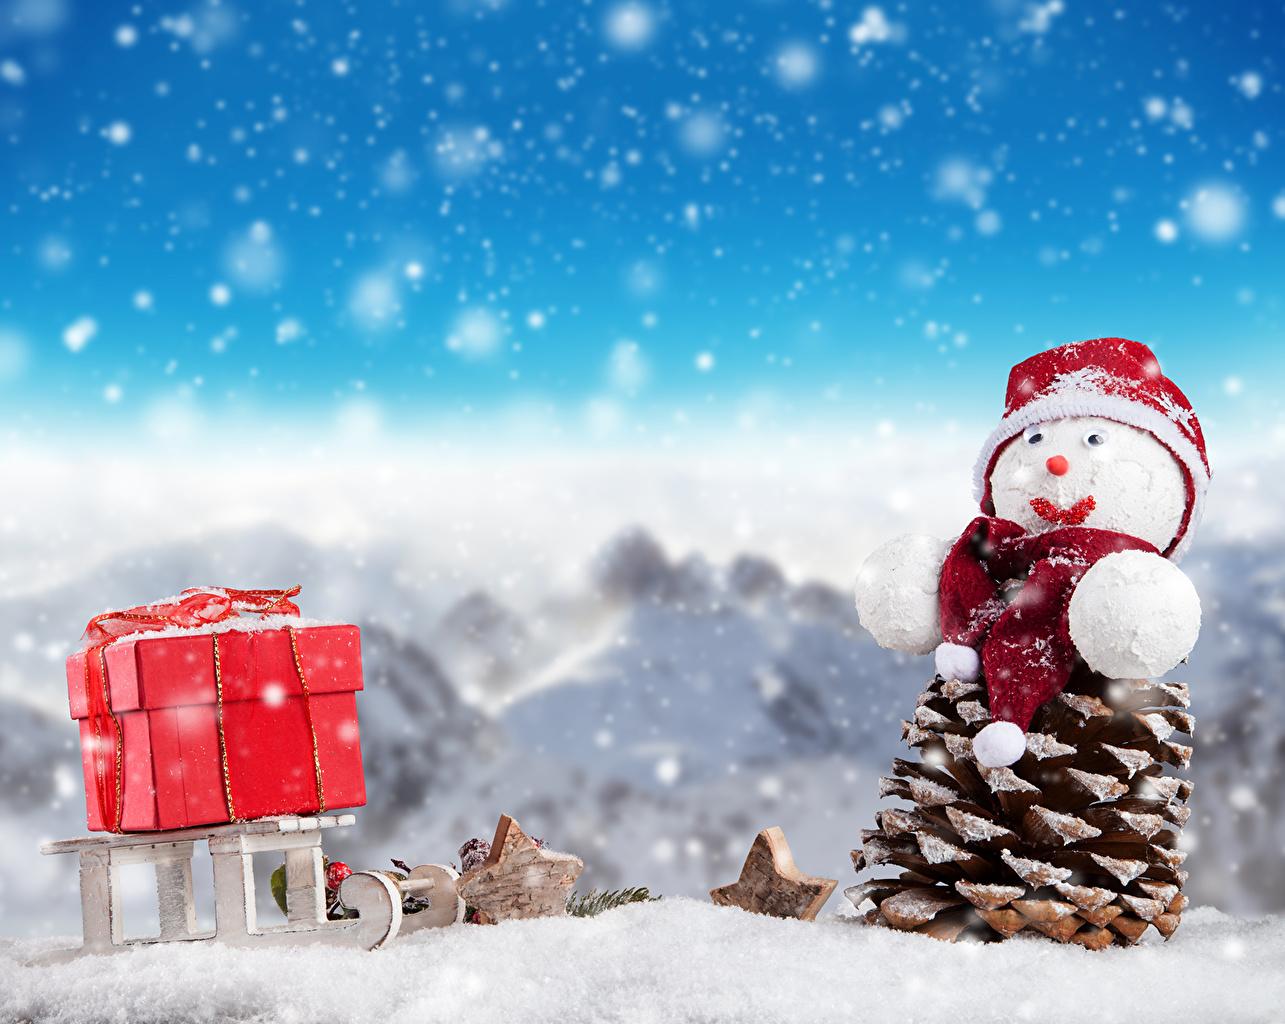 Feriados Ano-Novo Bonecos de neve Pinha Chapéu de inverno Neve Presentes